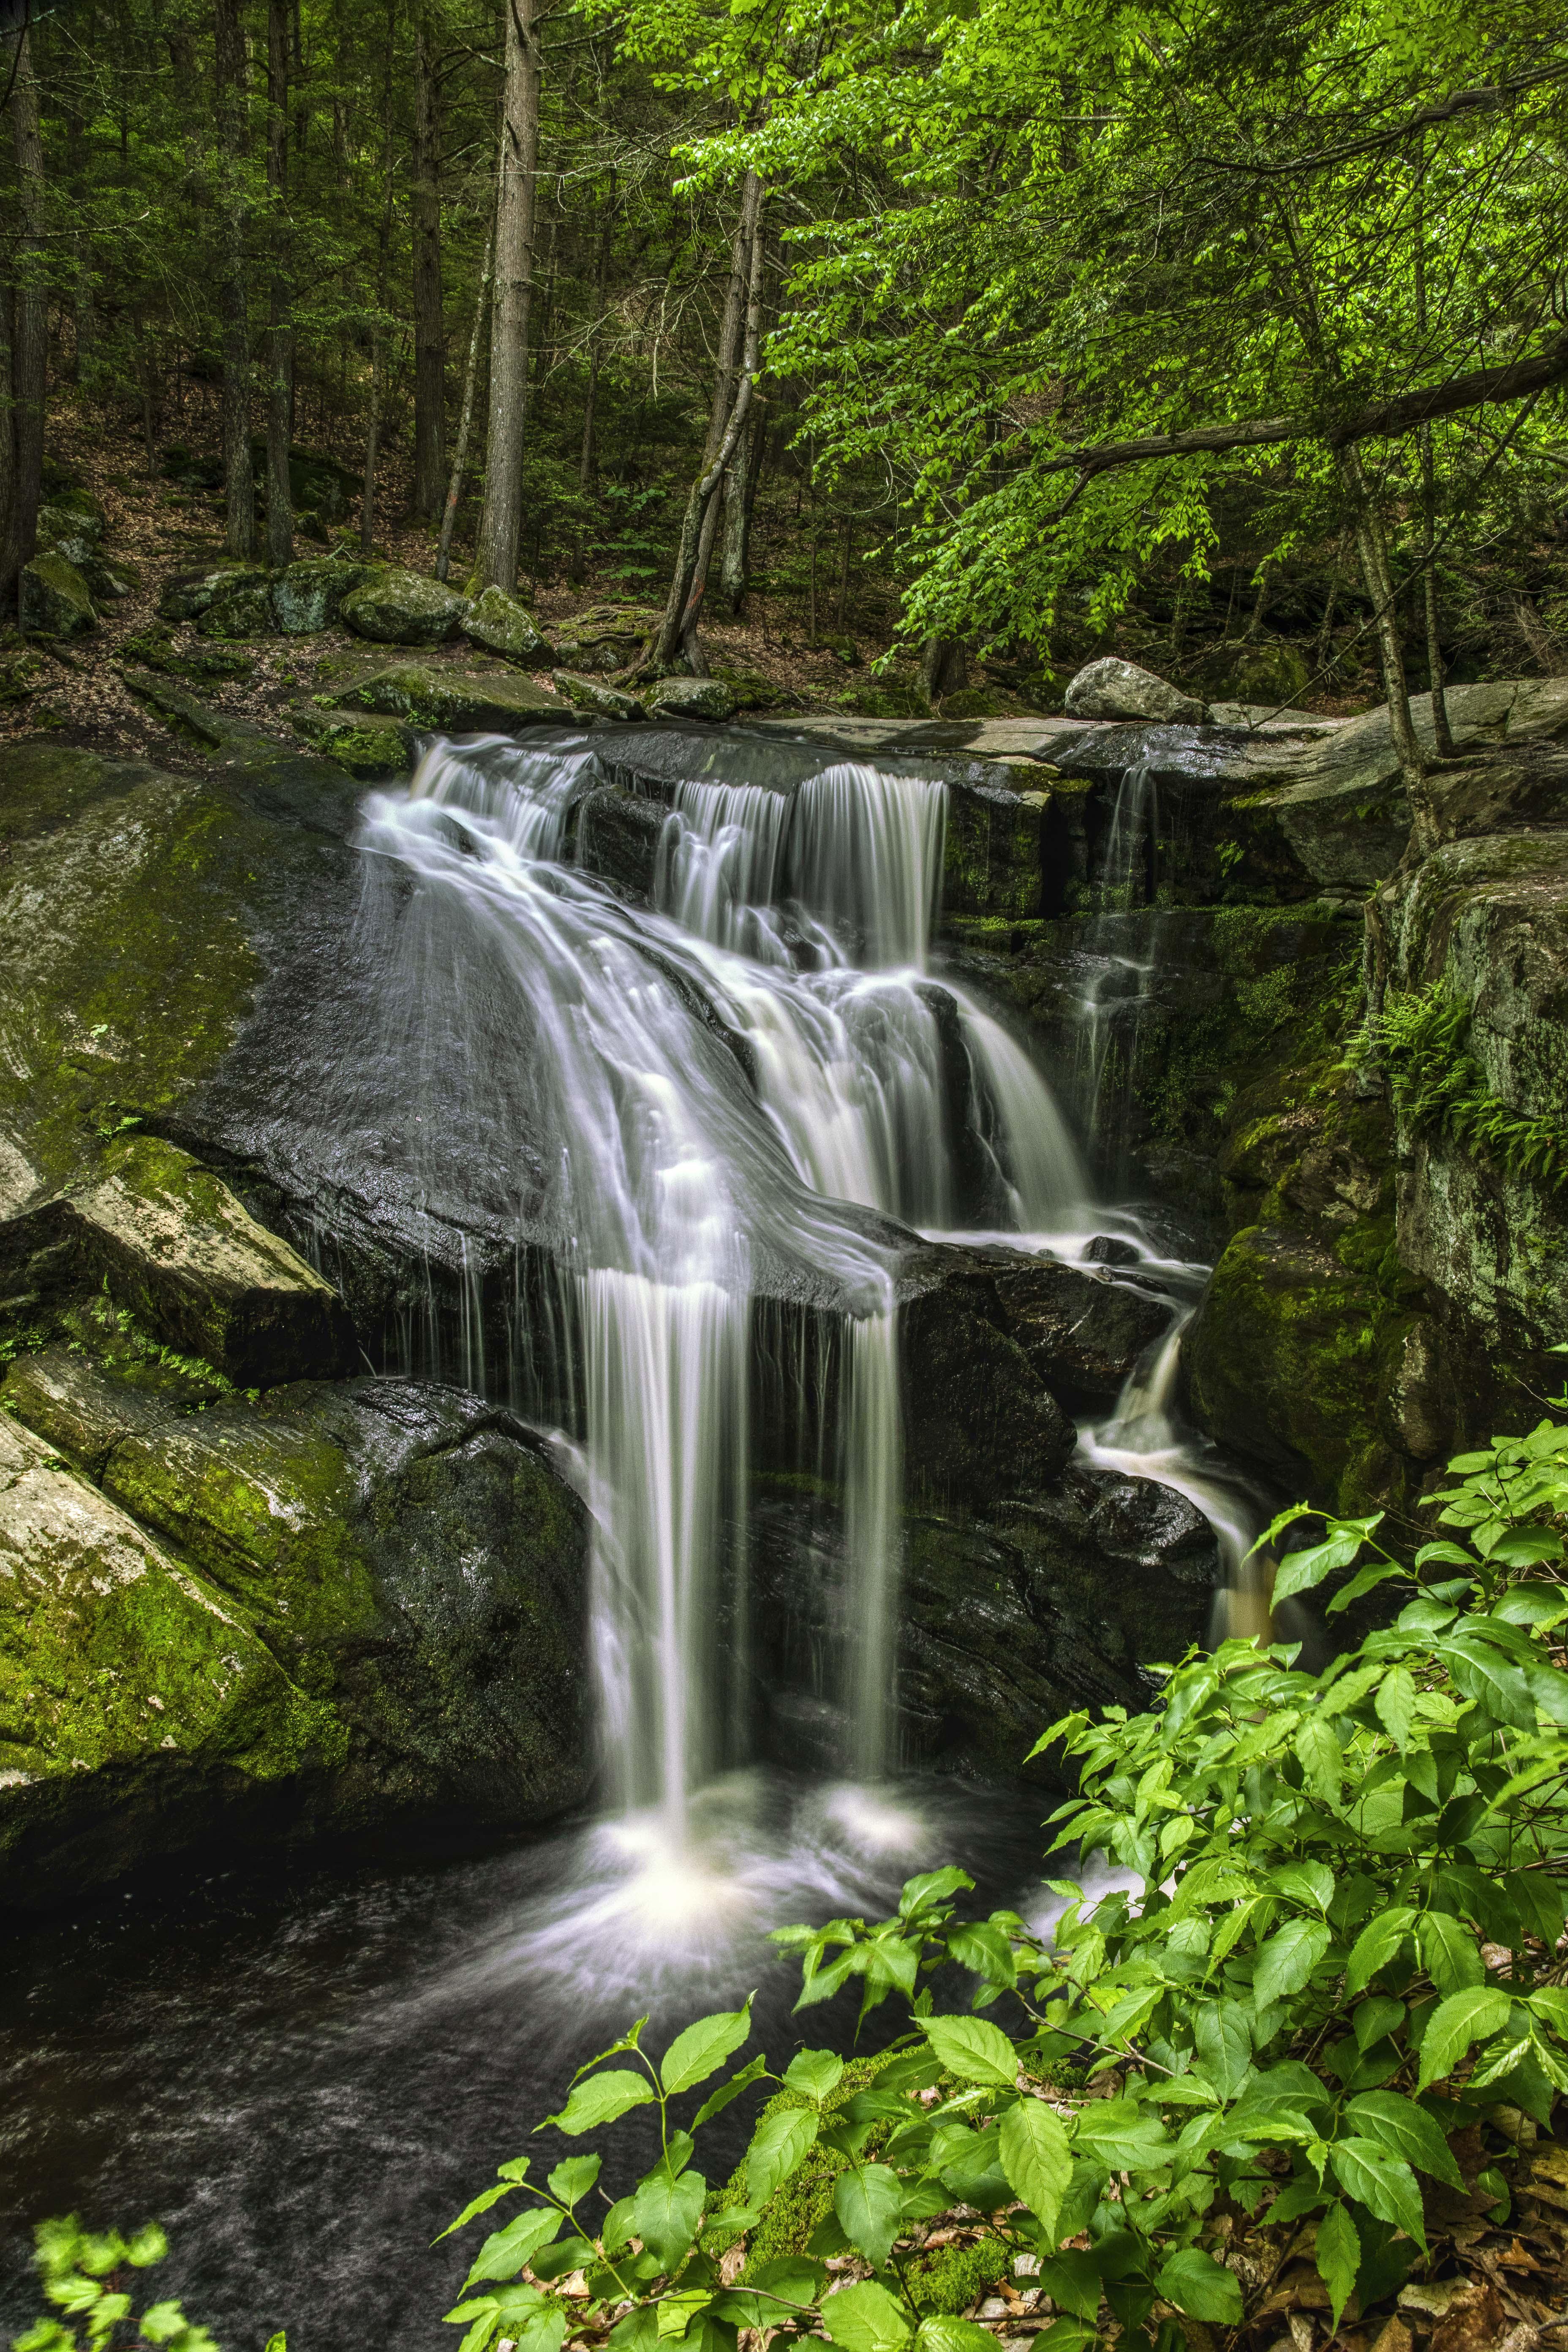 Granby, CT - Enfers Falls